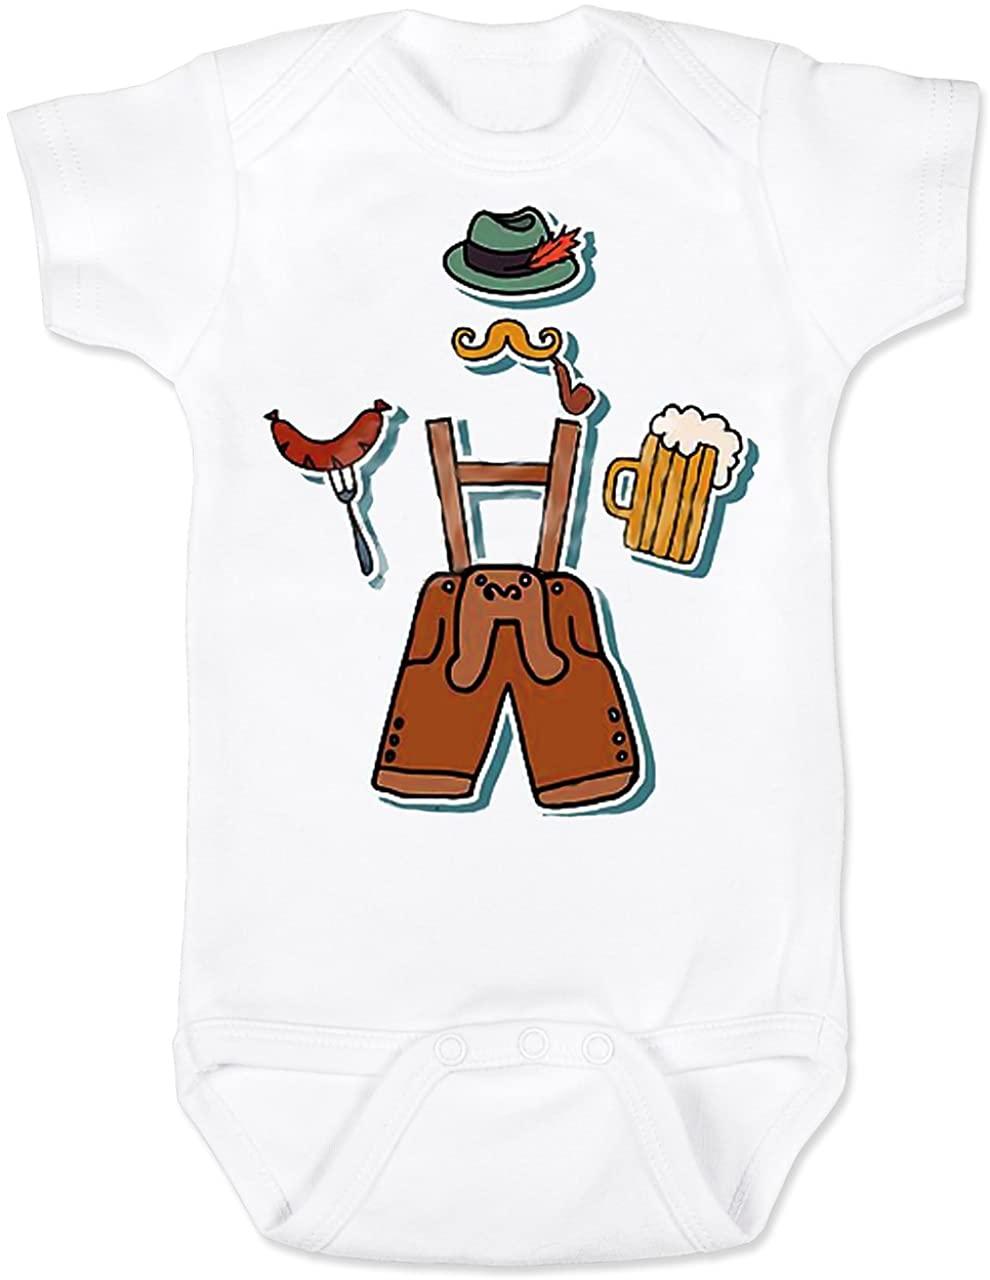 Vulgar Baby Bodysuit, Oktoberfest Lederhosen